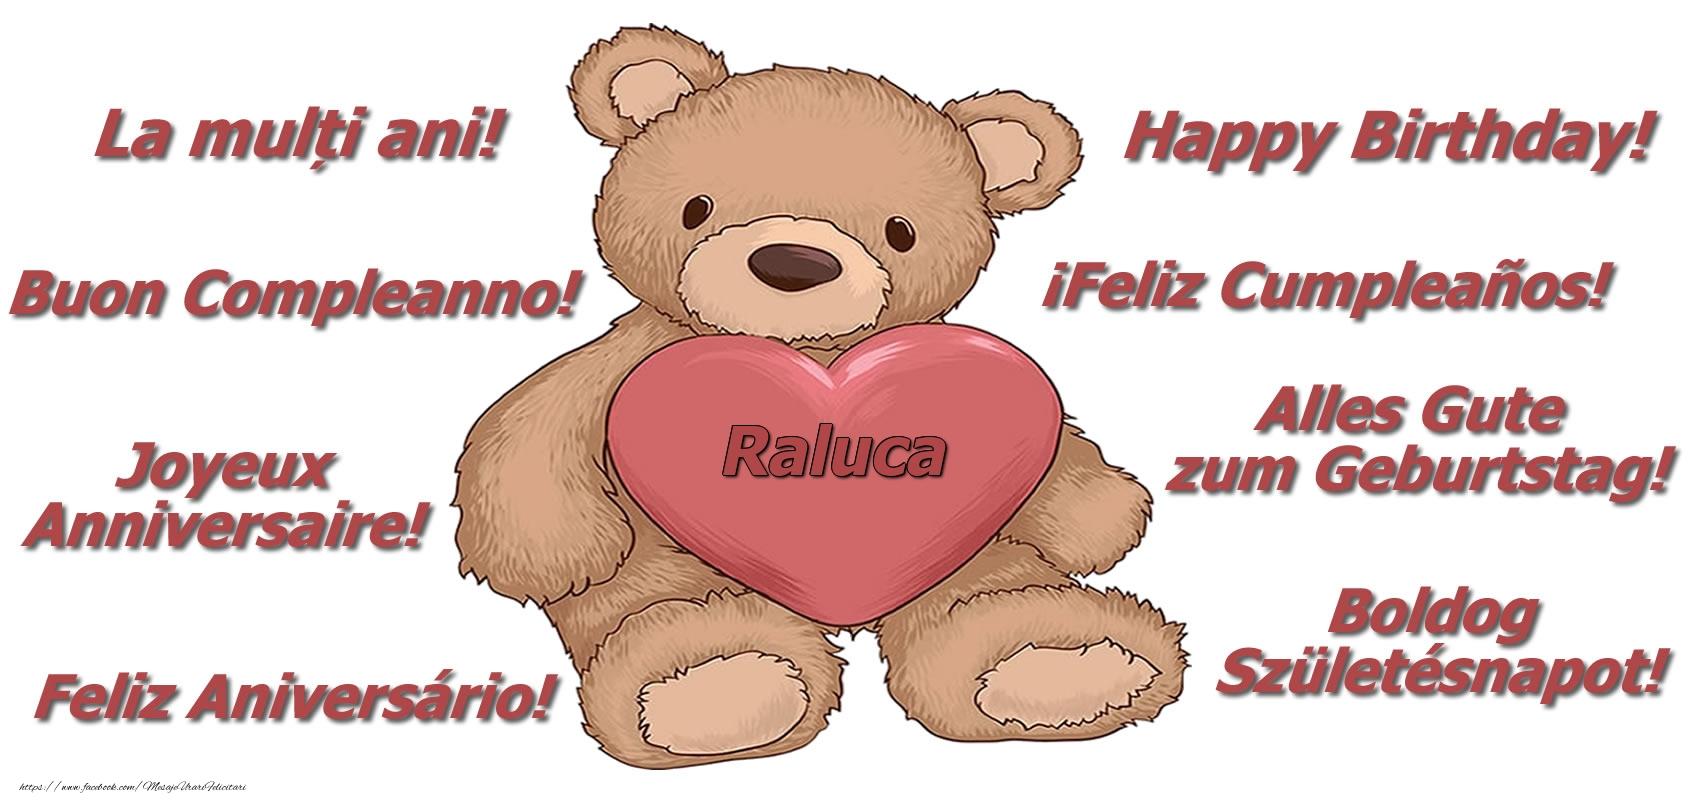 Felicitari de zi de nastere - La multi ani Raluca! - Ursulet